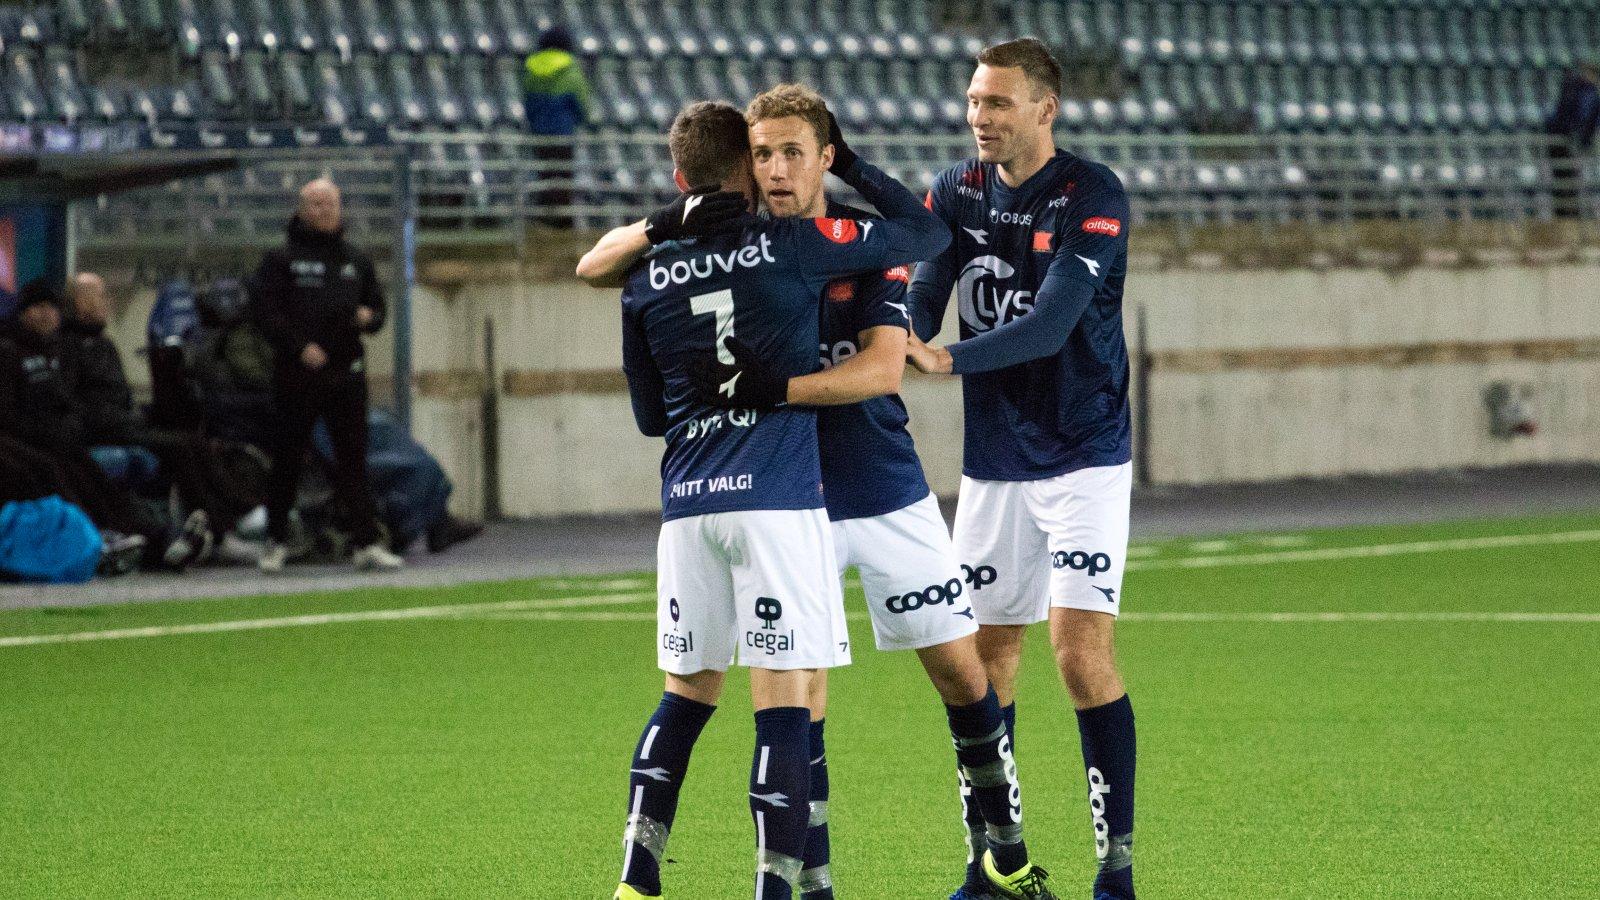 Viking - Haugesund. Innbytter Zymer Bytyqi gratuleres av Fredrik Torsteinbø og Runar Hove etter scoringen. Foto: Sander Selsvik Jacobsen